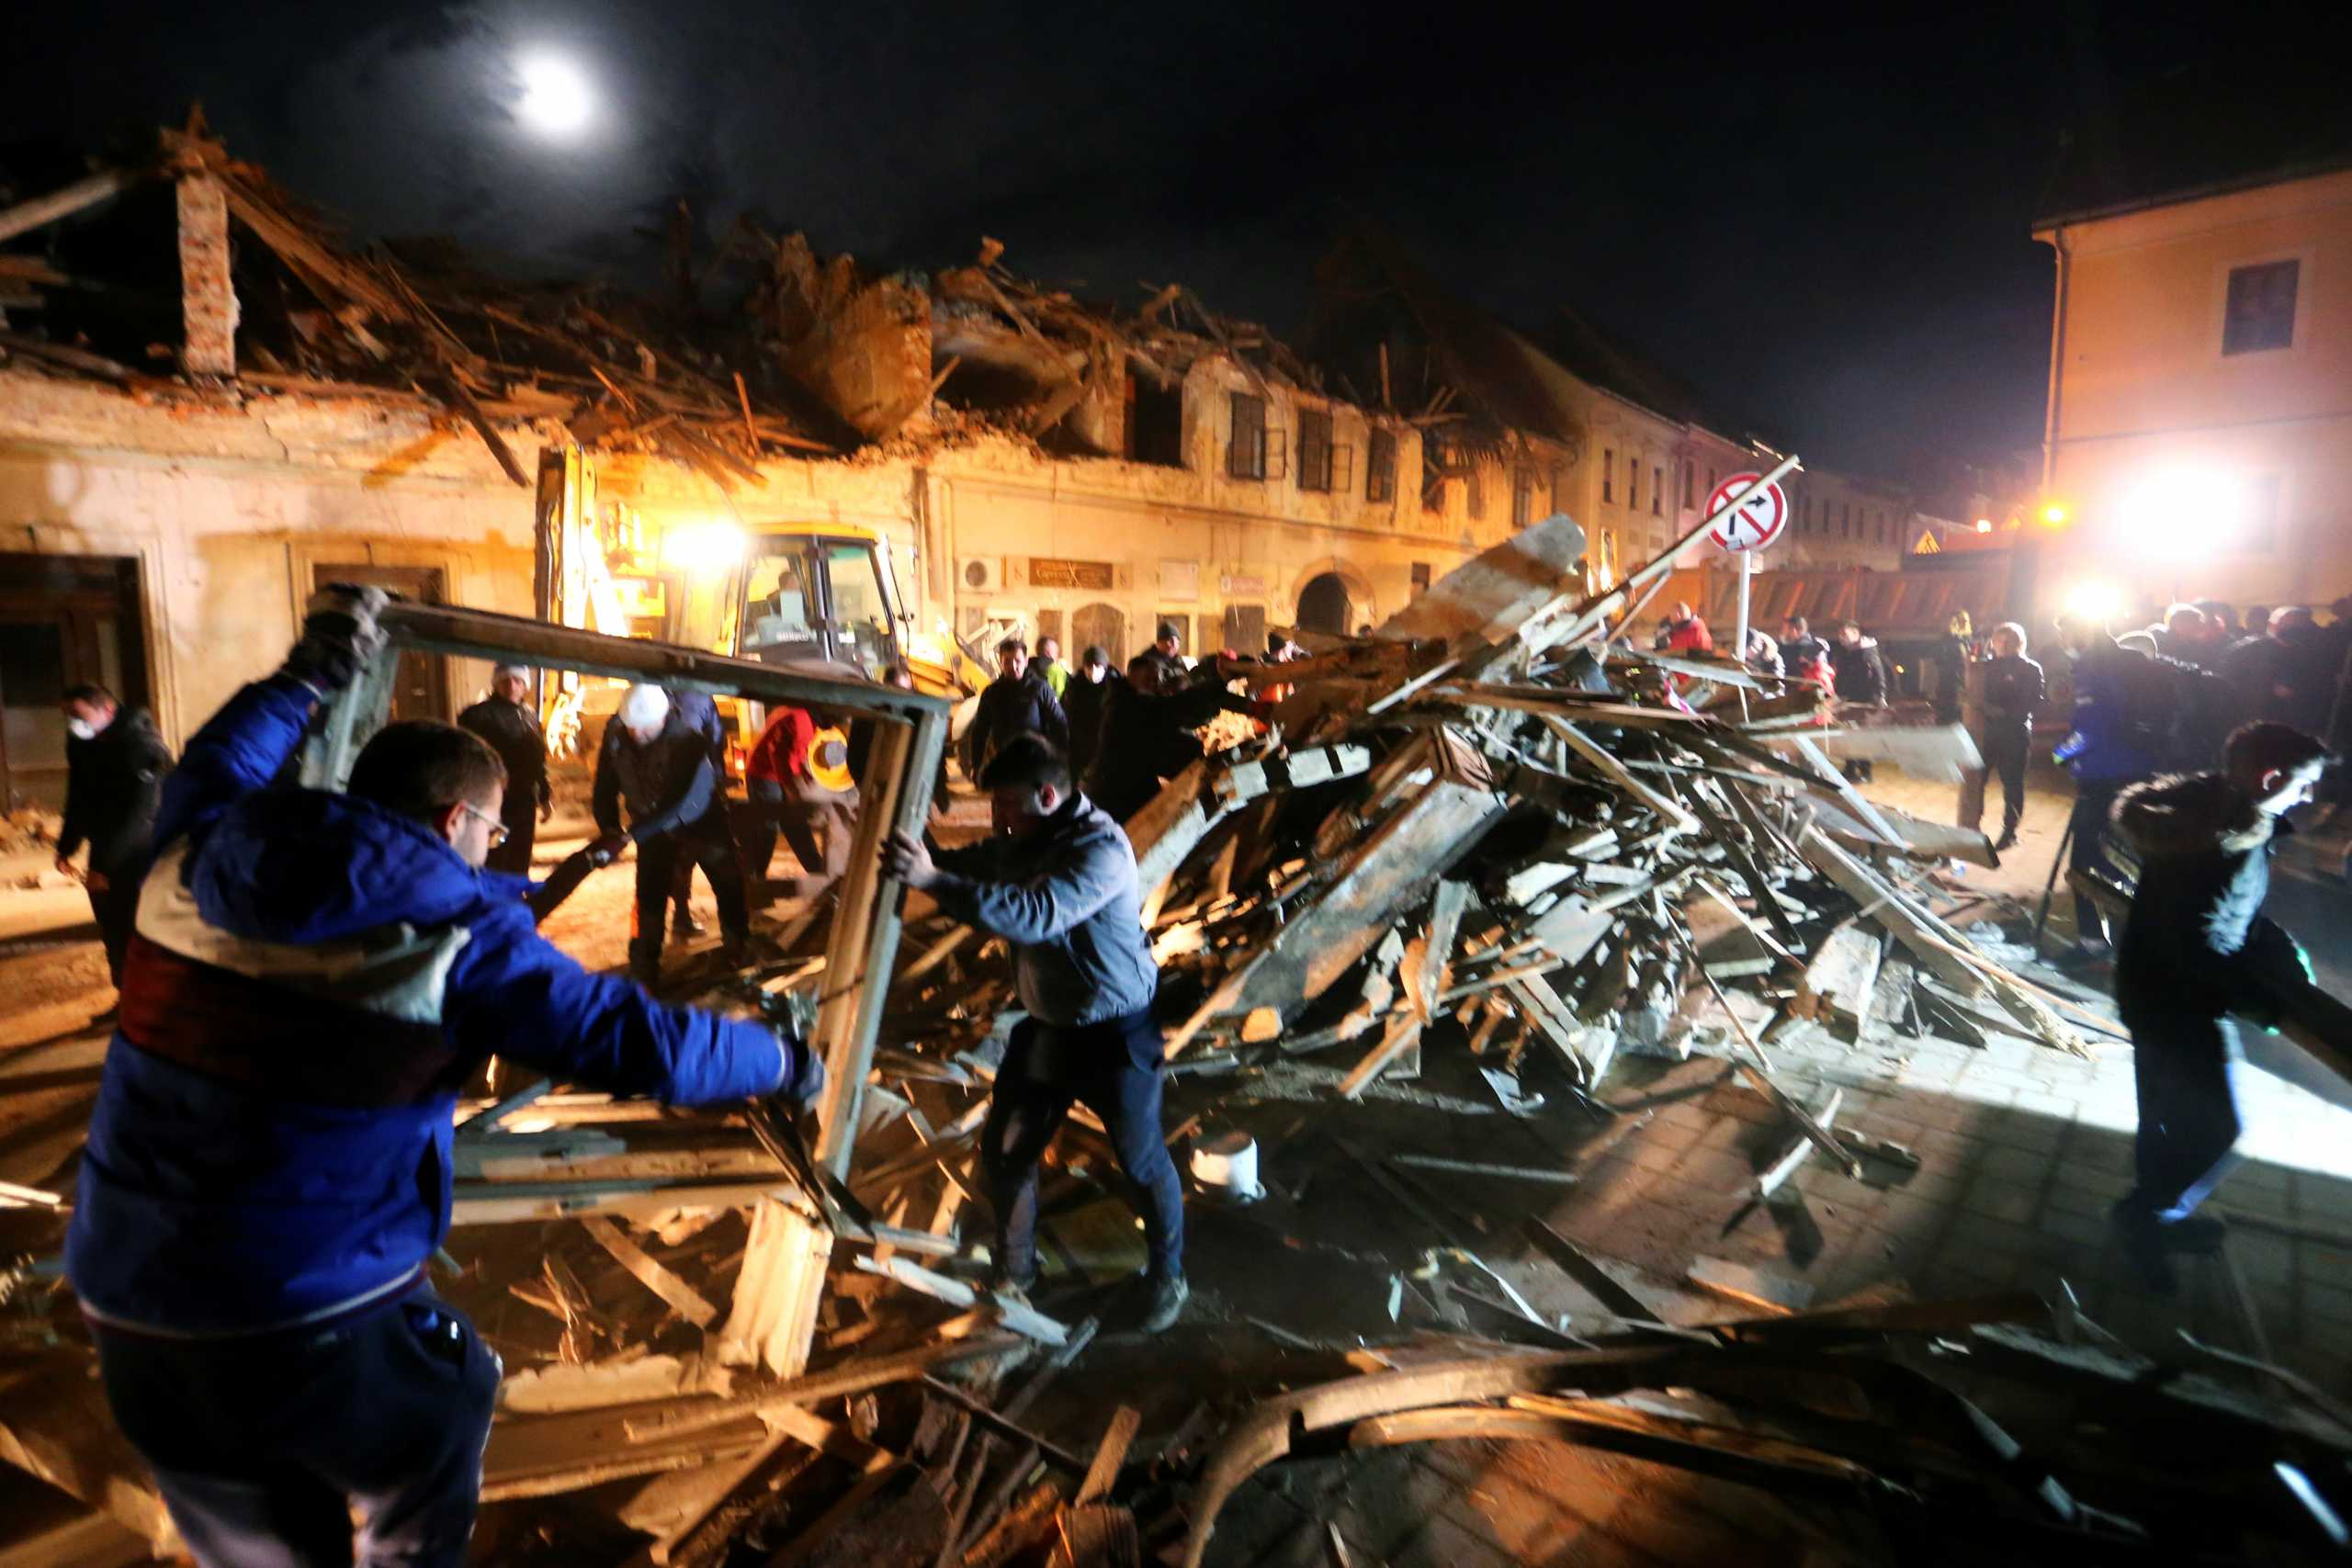 Σεισμός στην Κροατία: Αγωνία στα χαλάσματα – Έξι νεκροί και 20 τραυματίες